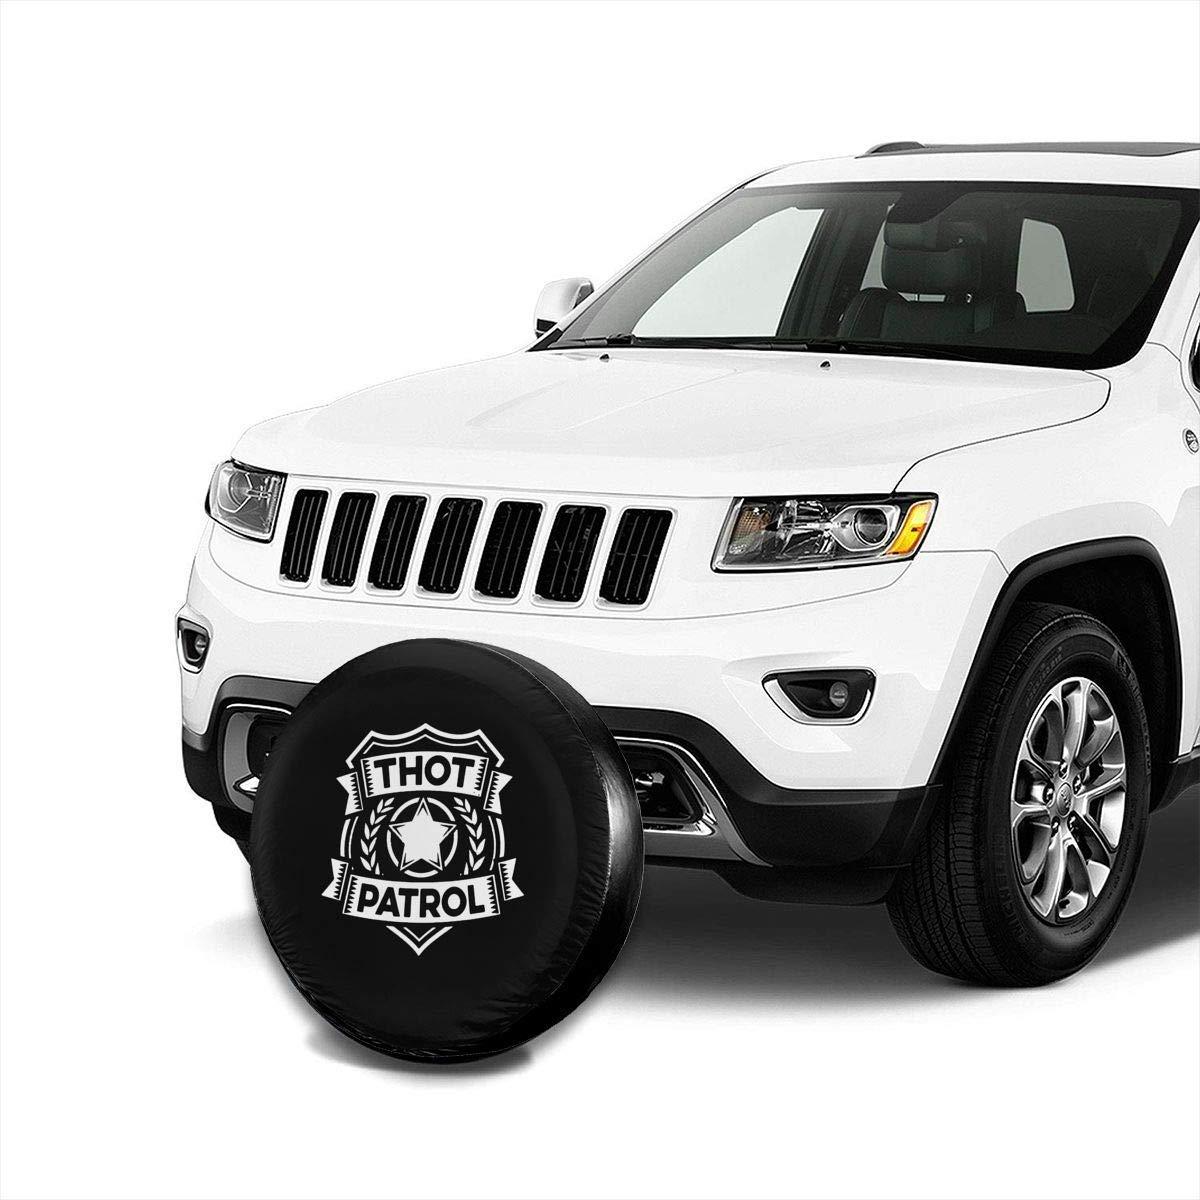 Kejbr Couverture de Pneu Thot Patrol Classic Housse de Roue de Secours for Jeep SUV RVs Universal Fit 14-17 in